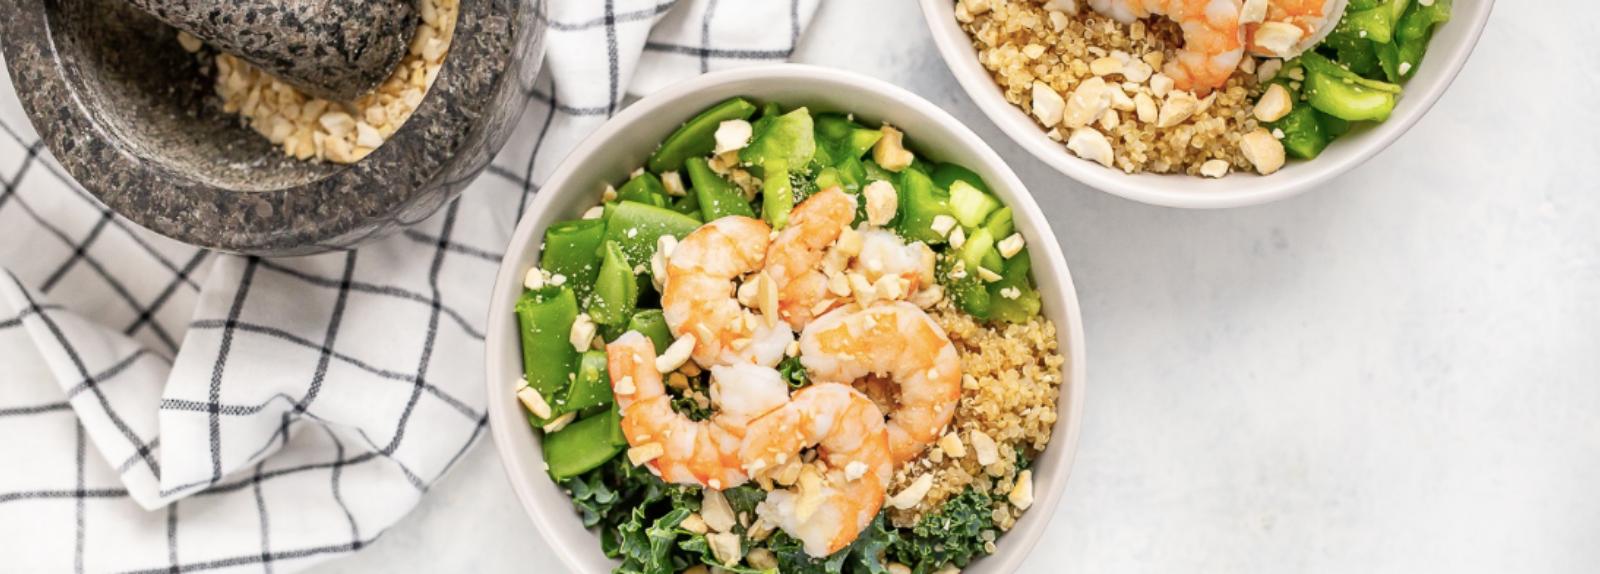 Shrimp and Kale Quinoa Bowl